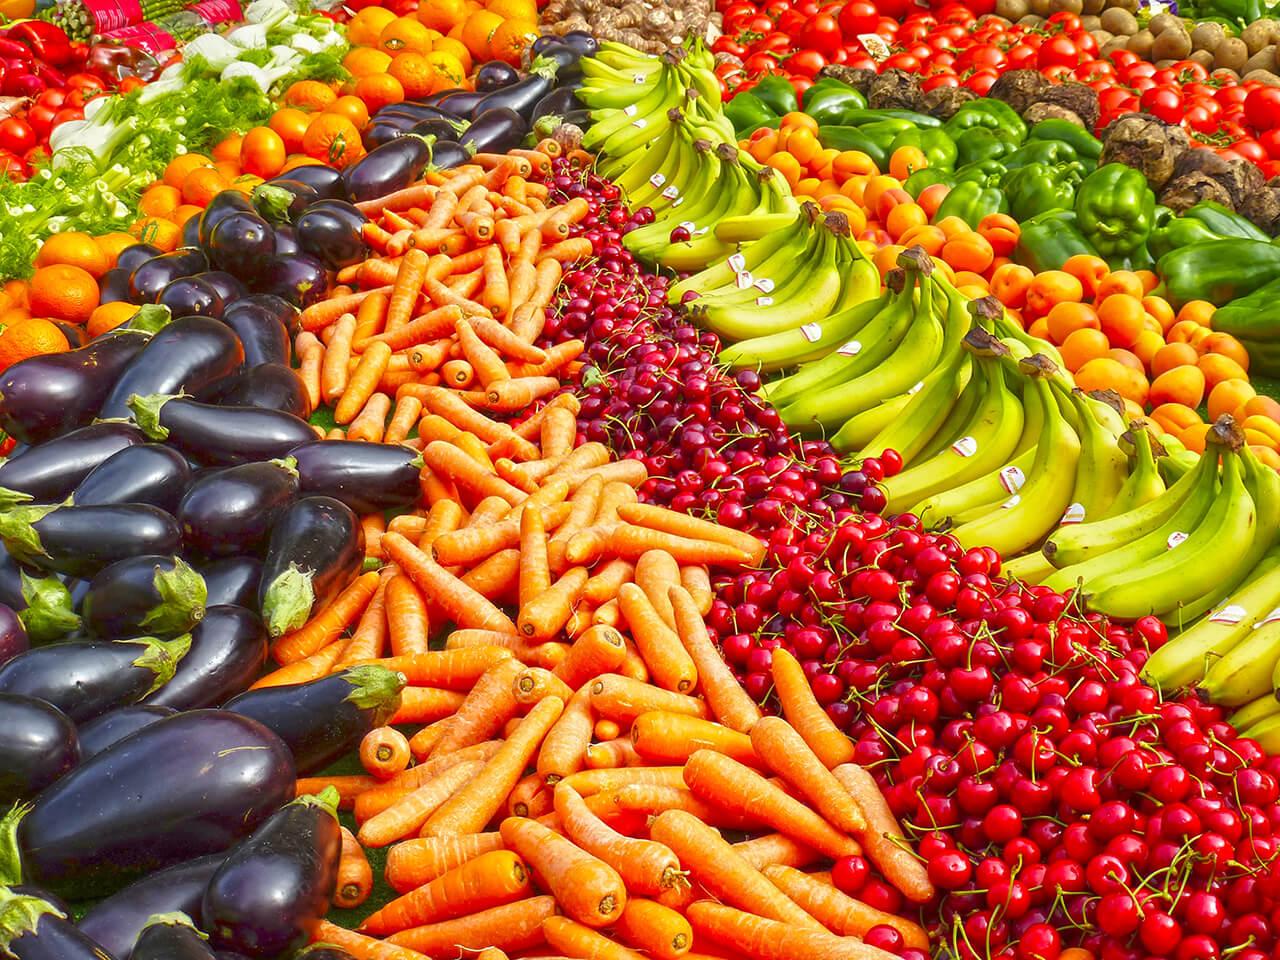 chợ Pratunam - ăn ở đâu khi du lịch đến Thái Lan